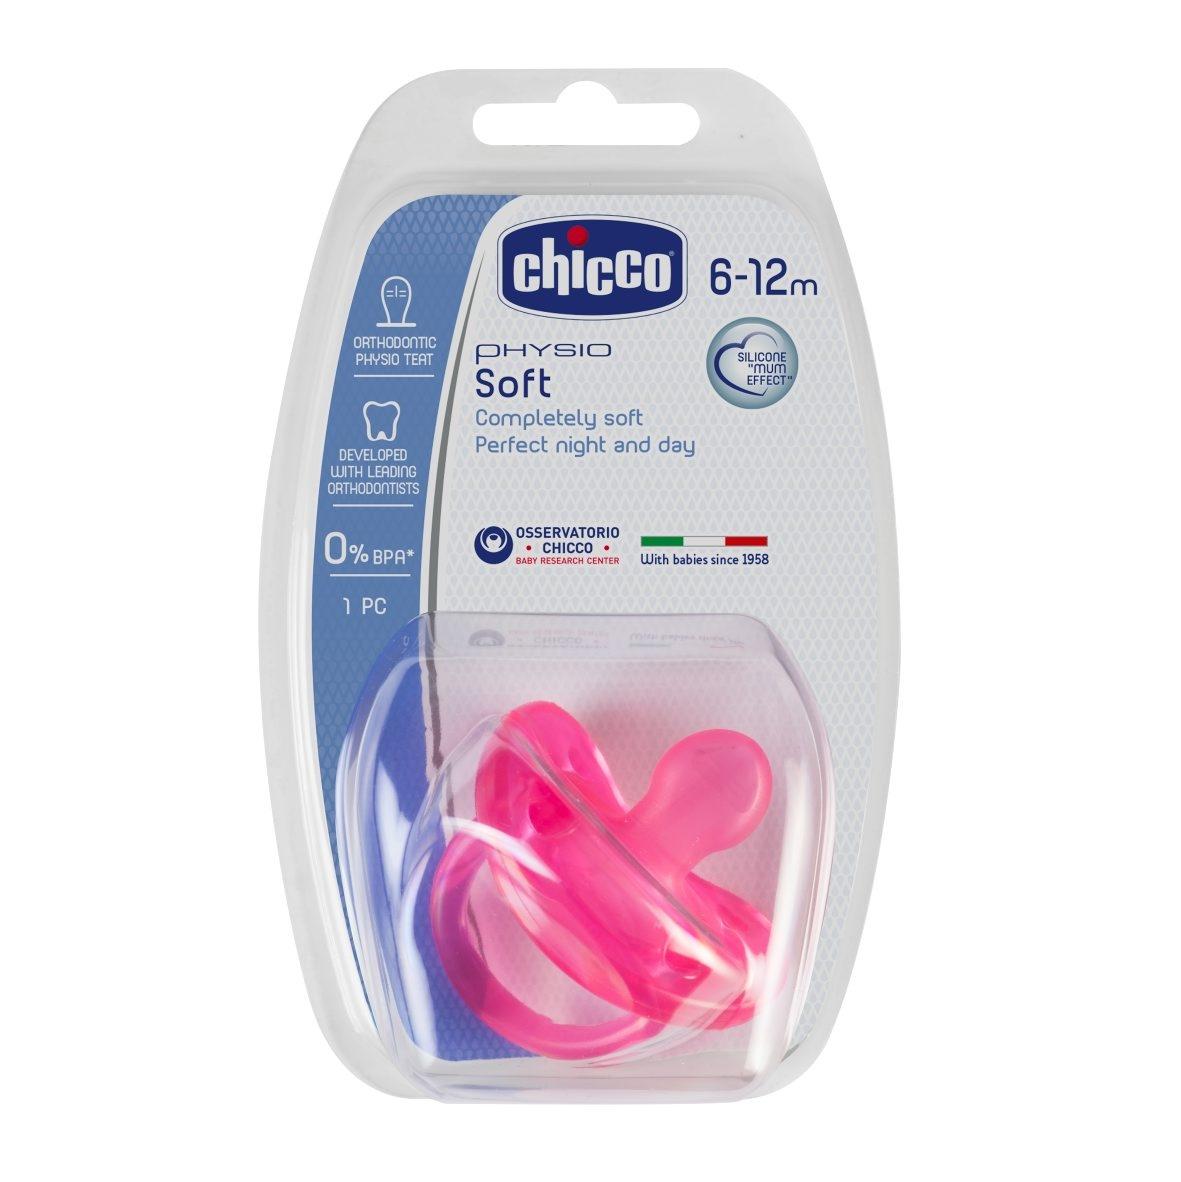 Chicco Šidítko Physio Soft celosilikónové 6-16m , růžové